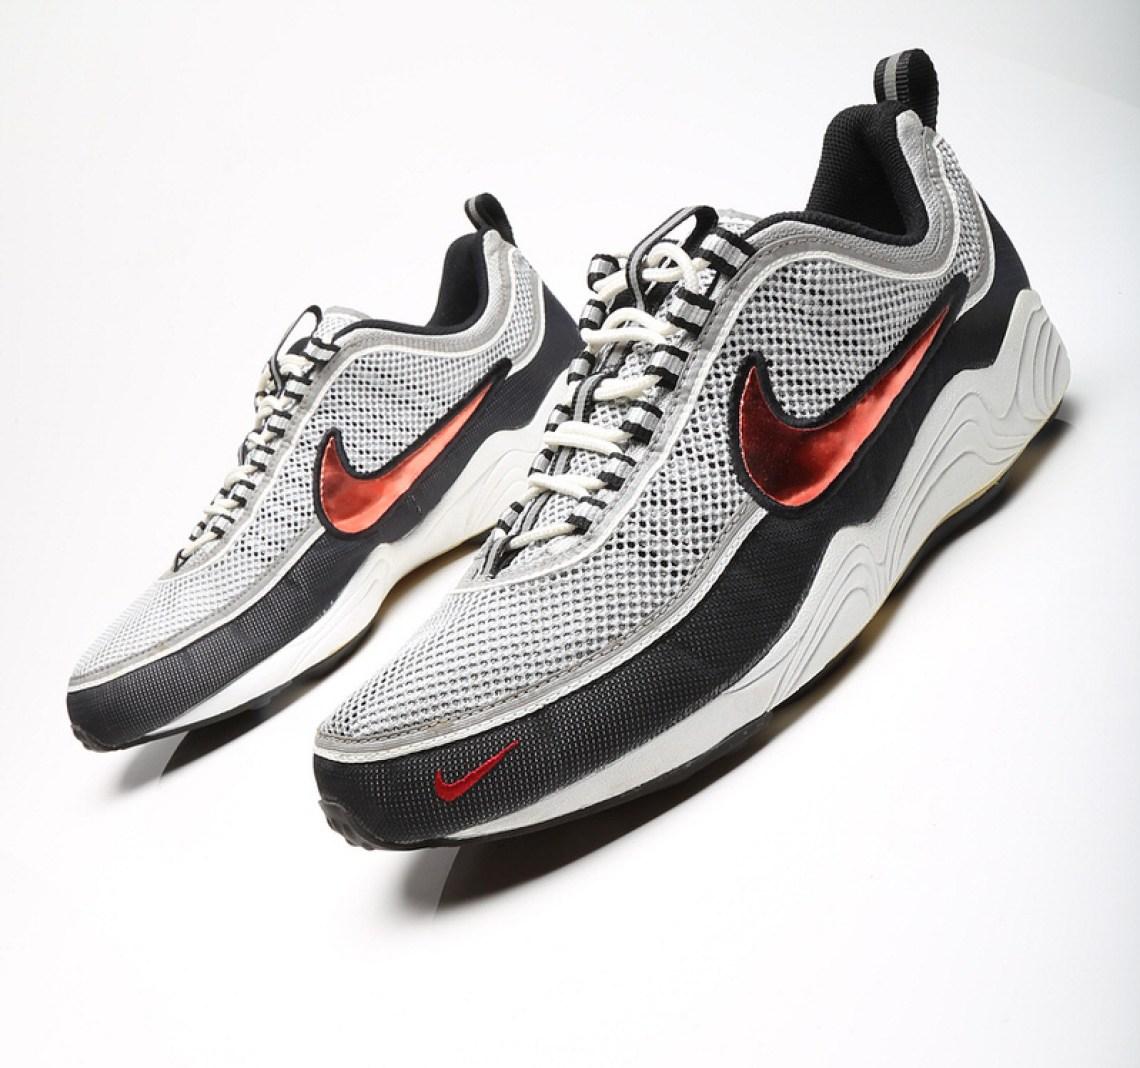 Nike Air Zoom Spiridon OG Red 2